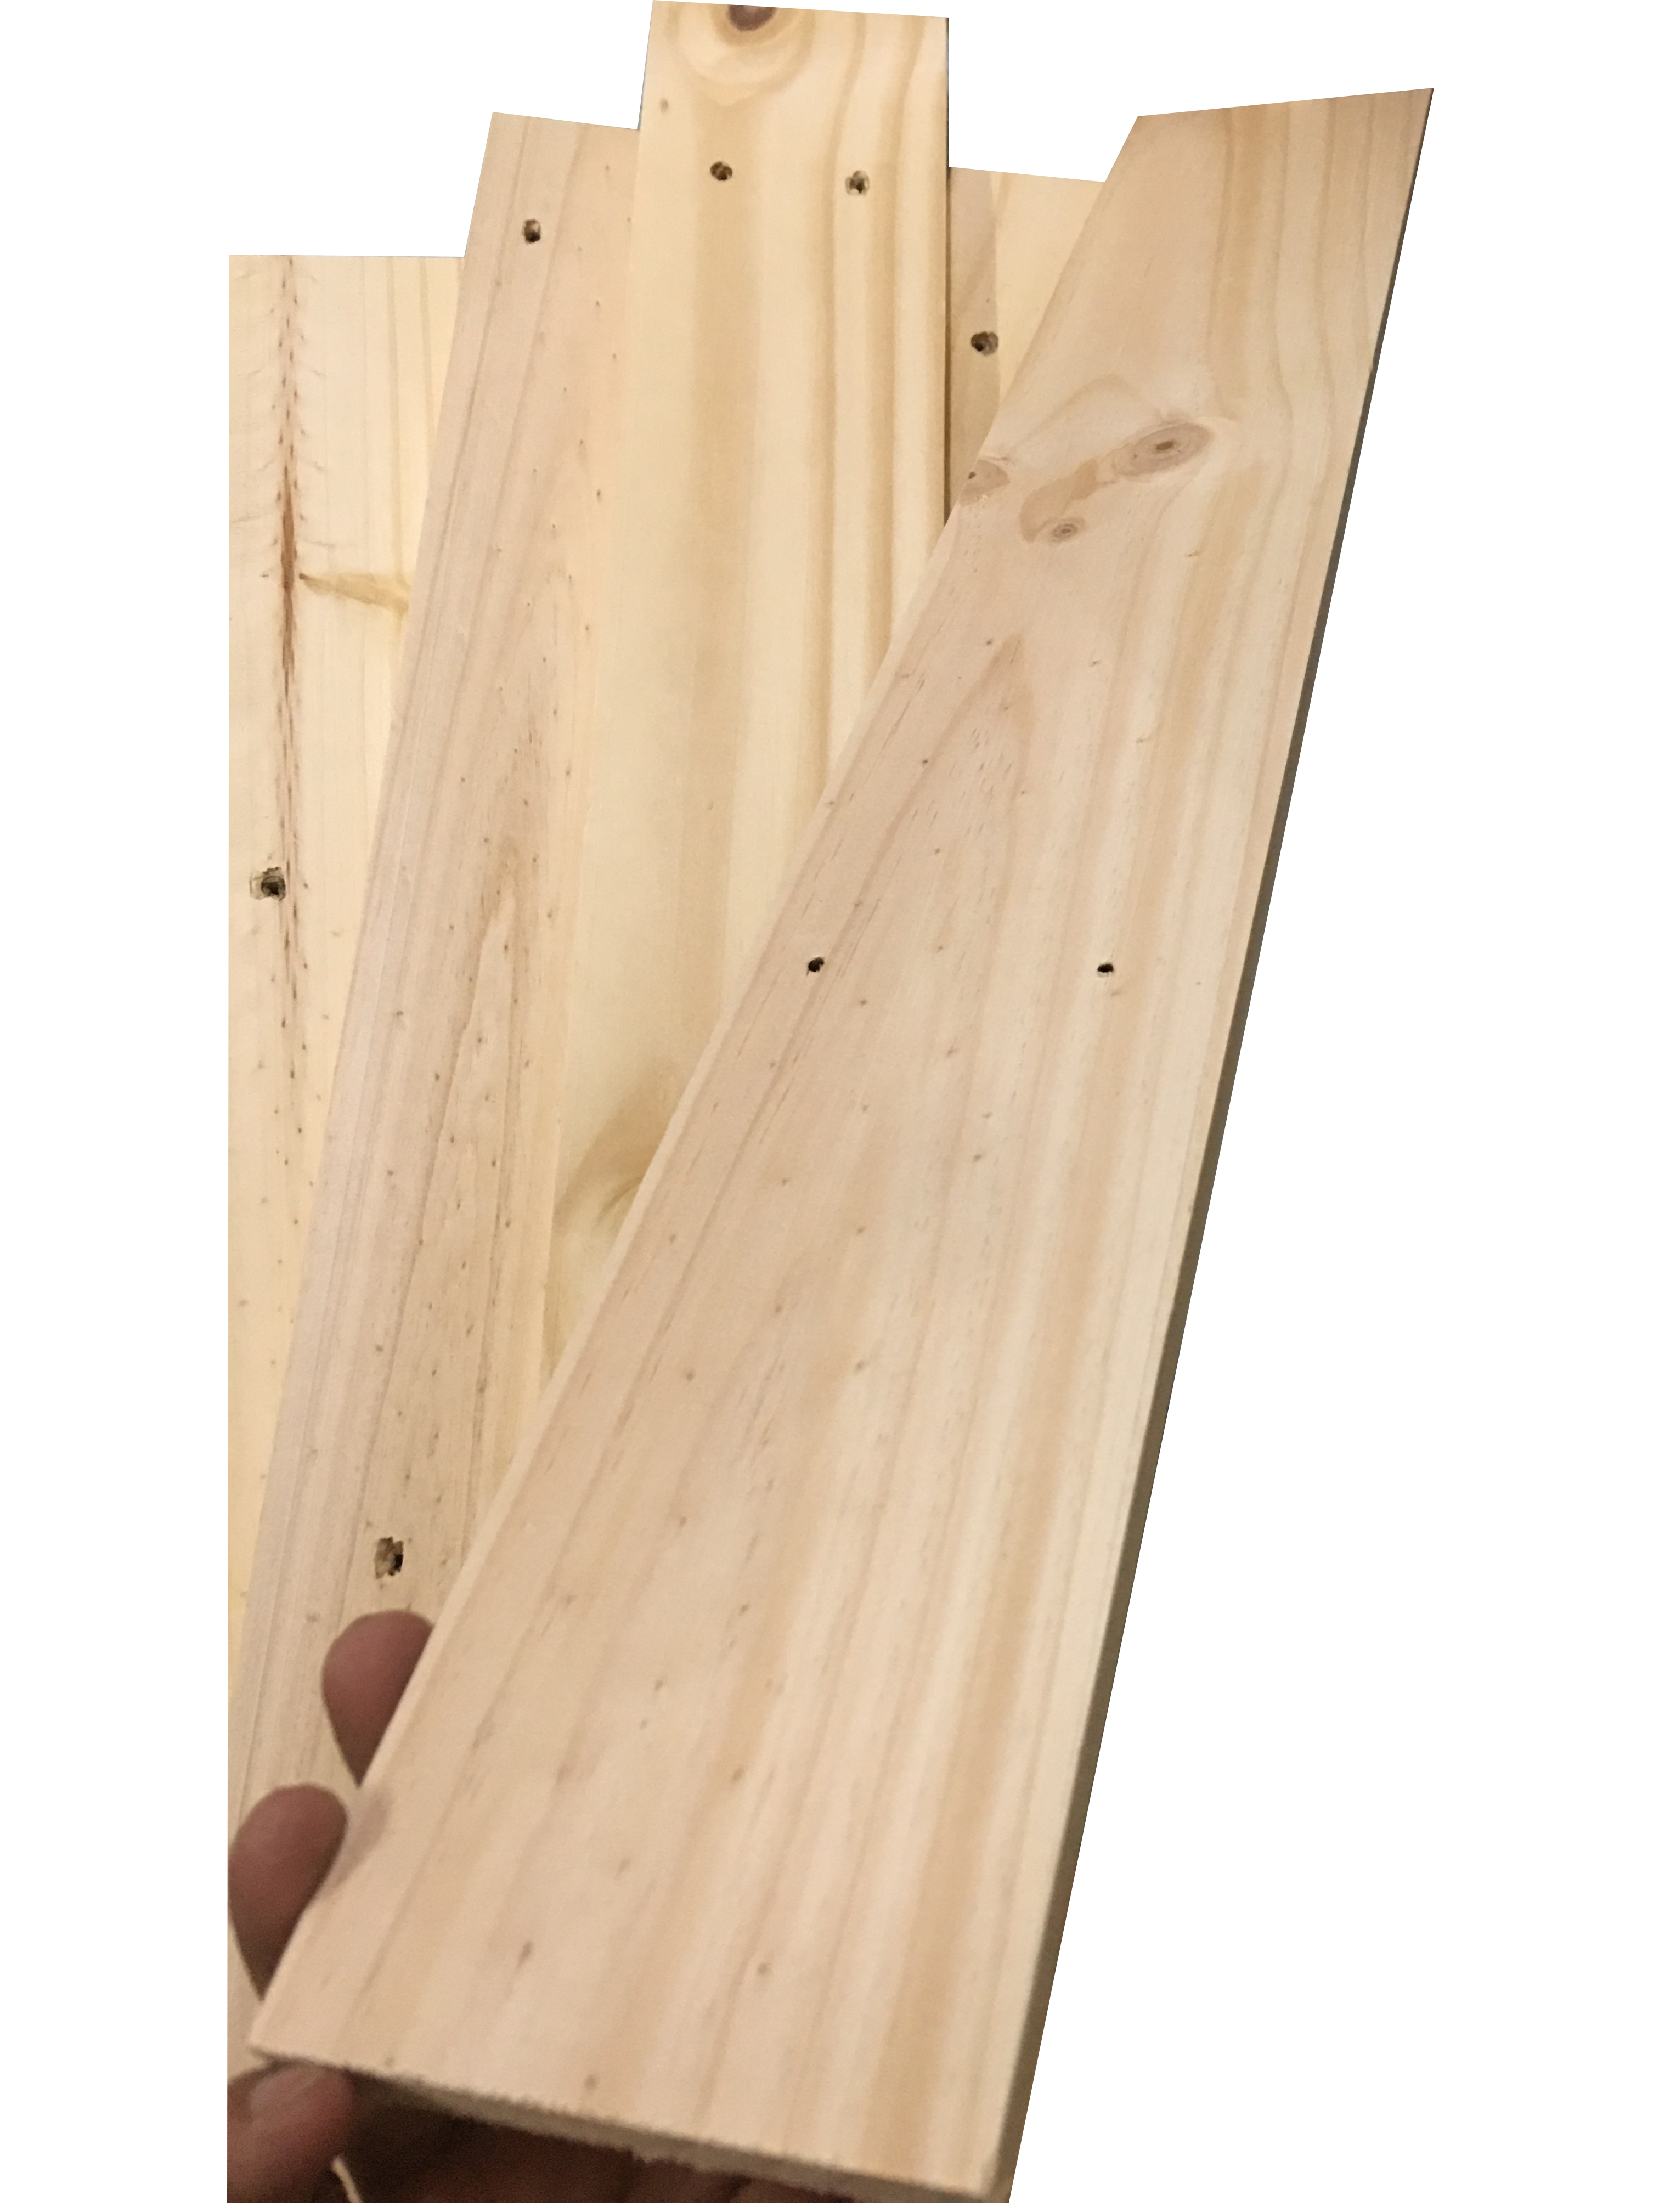 Bó 5 thanh gỗ thông pallet dài 1m, rộng 9cm, dày 1.4cm bào láng 4 mặt dùng làm giường pallet, trang trí, làm kệ, DIY